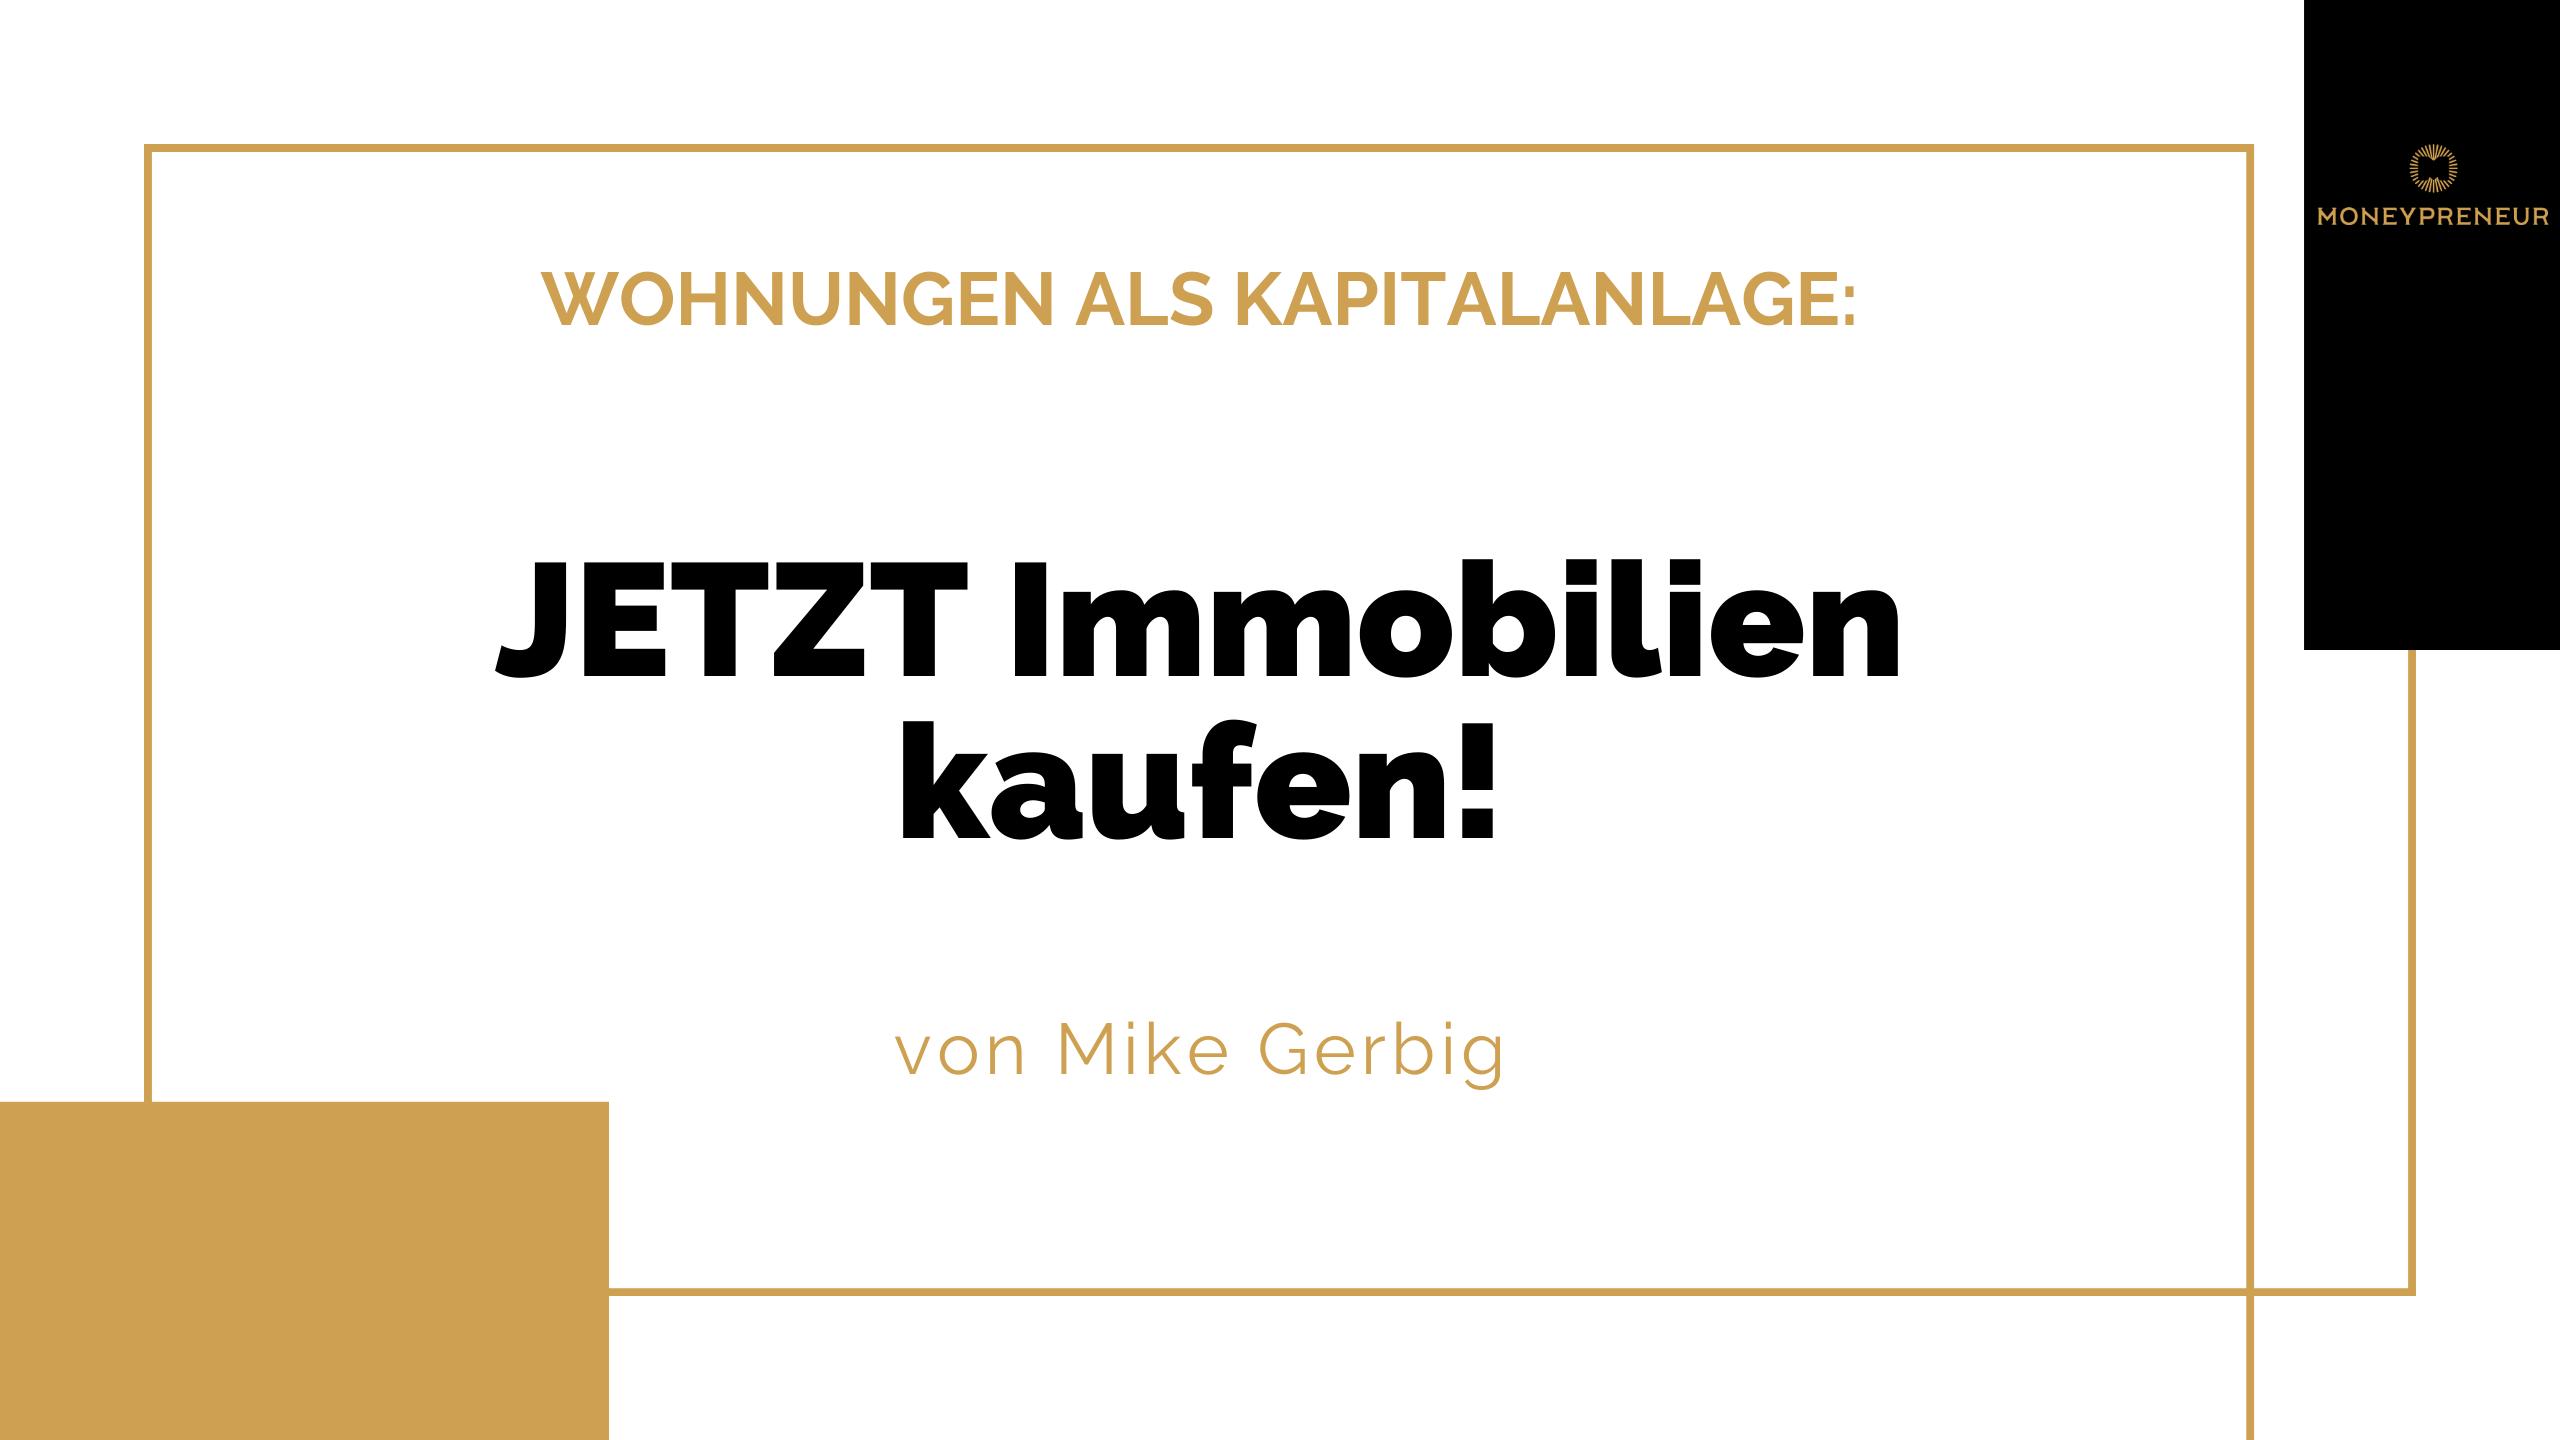 JETZT-Immobilien-kaufen!-Mike-Gerbig-moneypreneur.de-dresden